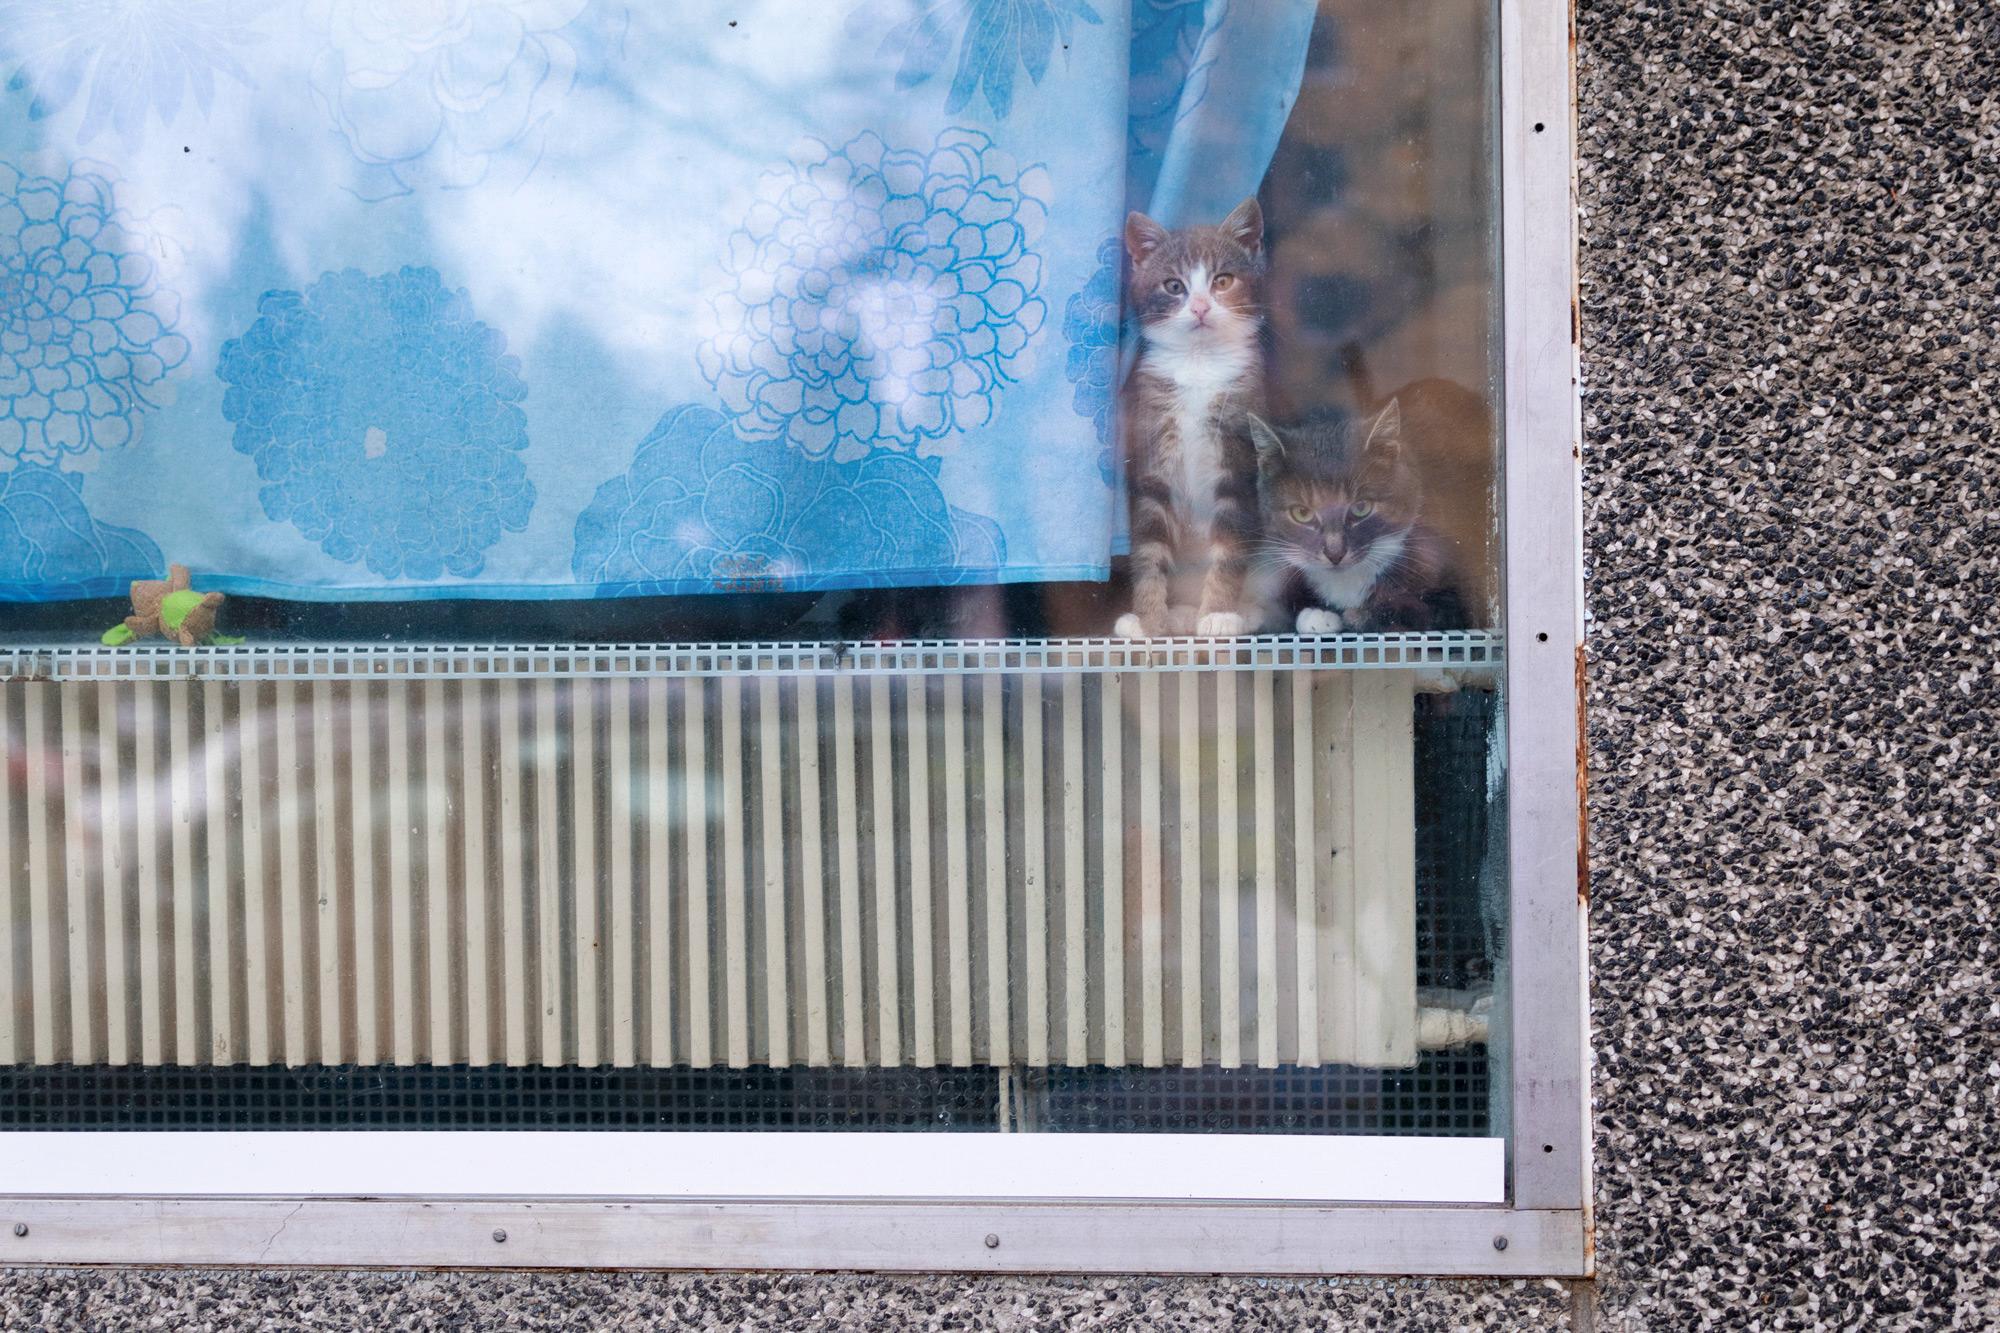 Kaksi kissaa katsoo ikkunasta ulos.